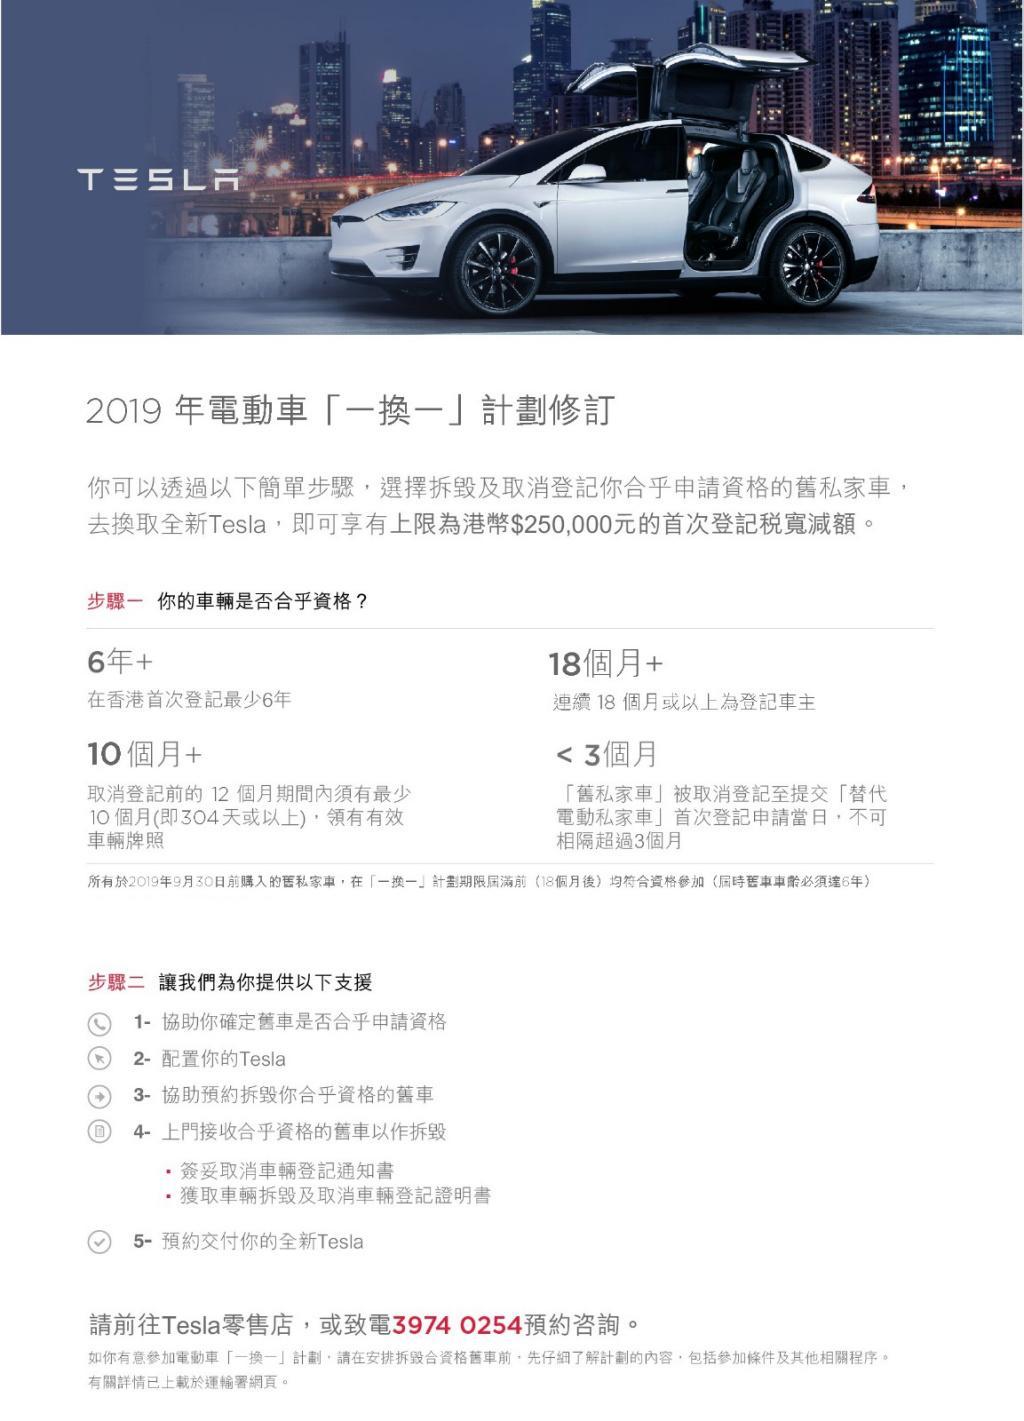 2019 電動車「一換一」計劃修訂資料